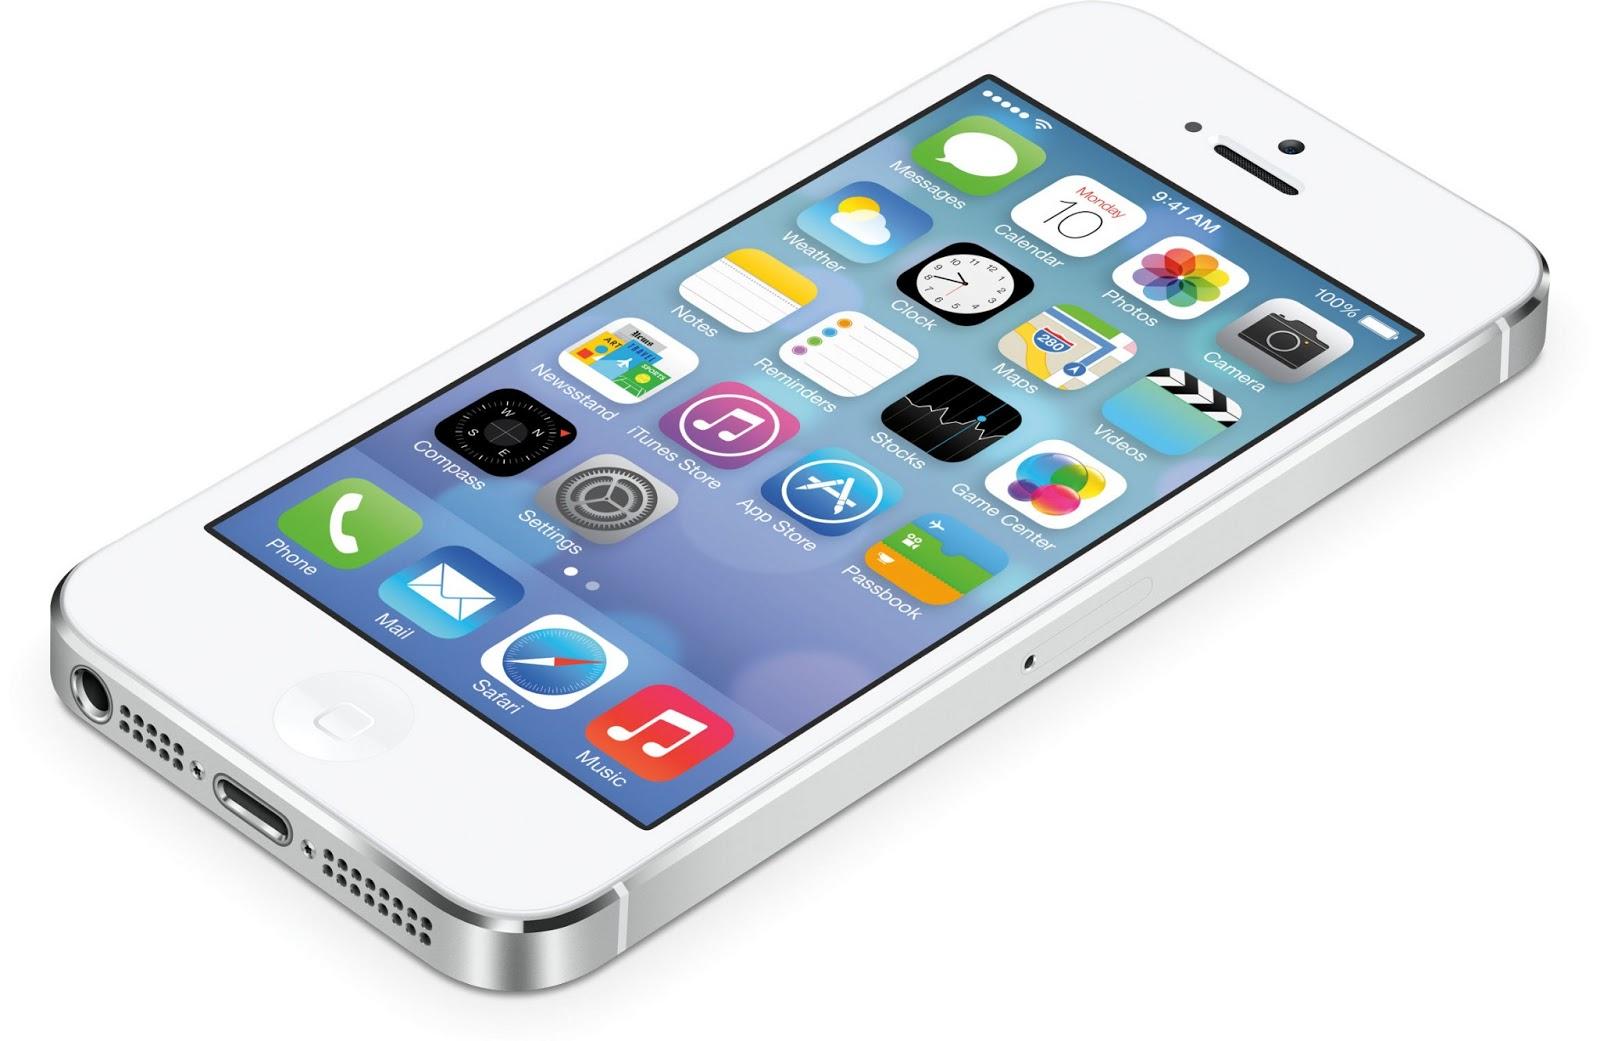 iPhone 5S | iOS 7 | iPhone 5S Özellikleri | iPhone 5S Fiyatları